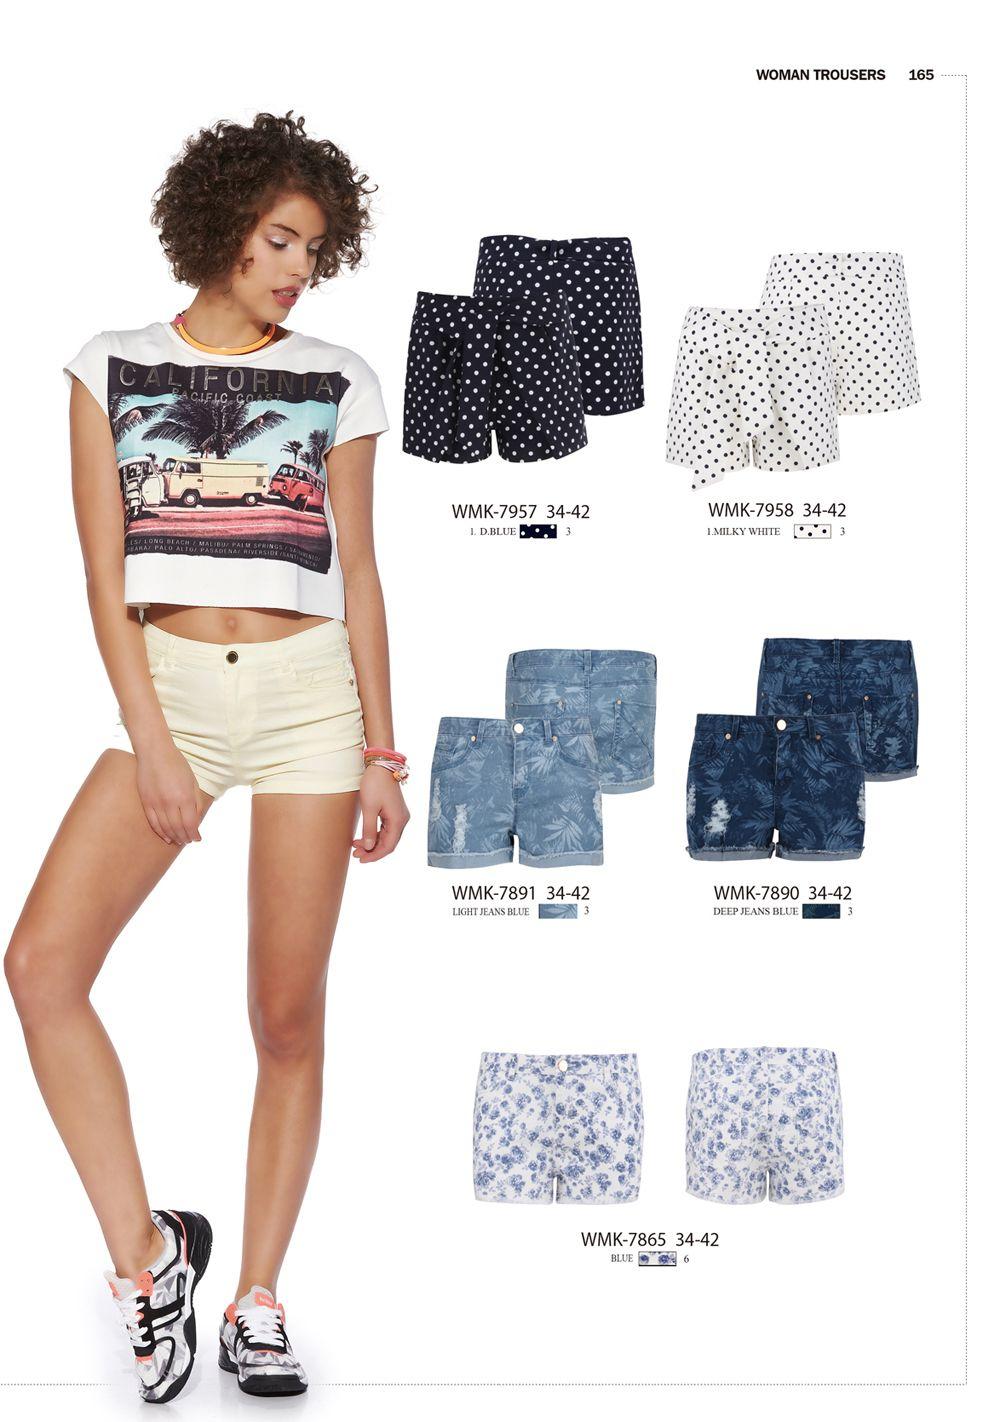 #forwomen #clothing #fashion #glostory #jeans #denim #denimshorts #flower #shorts #white #blue